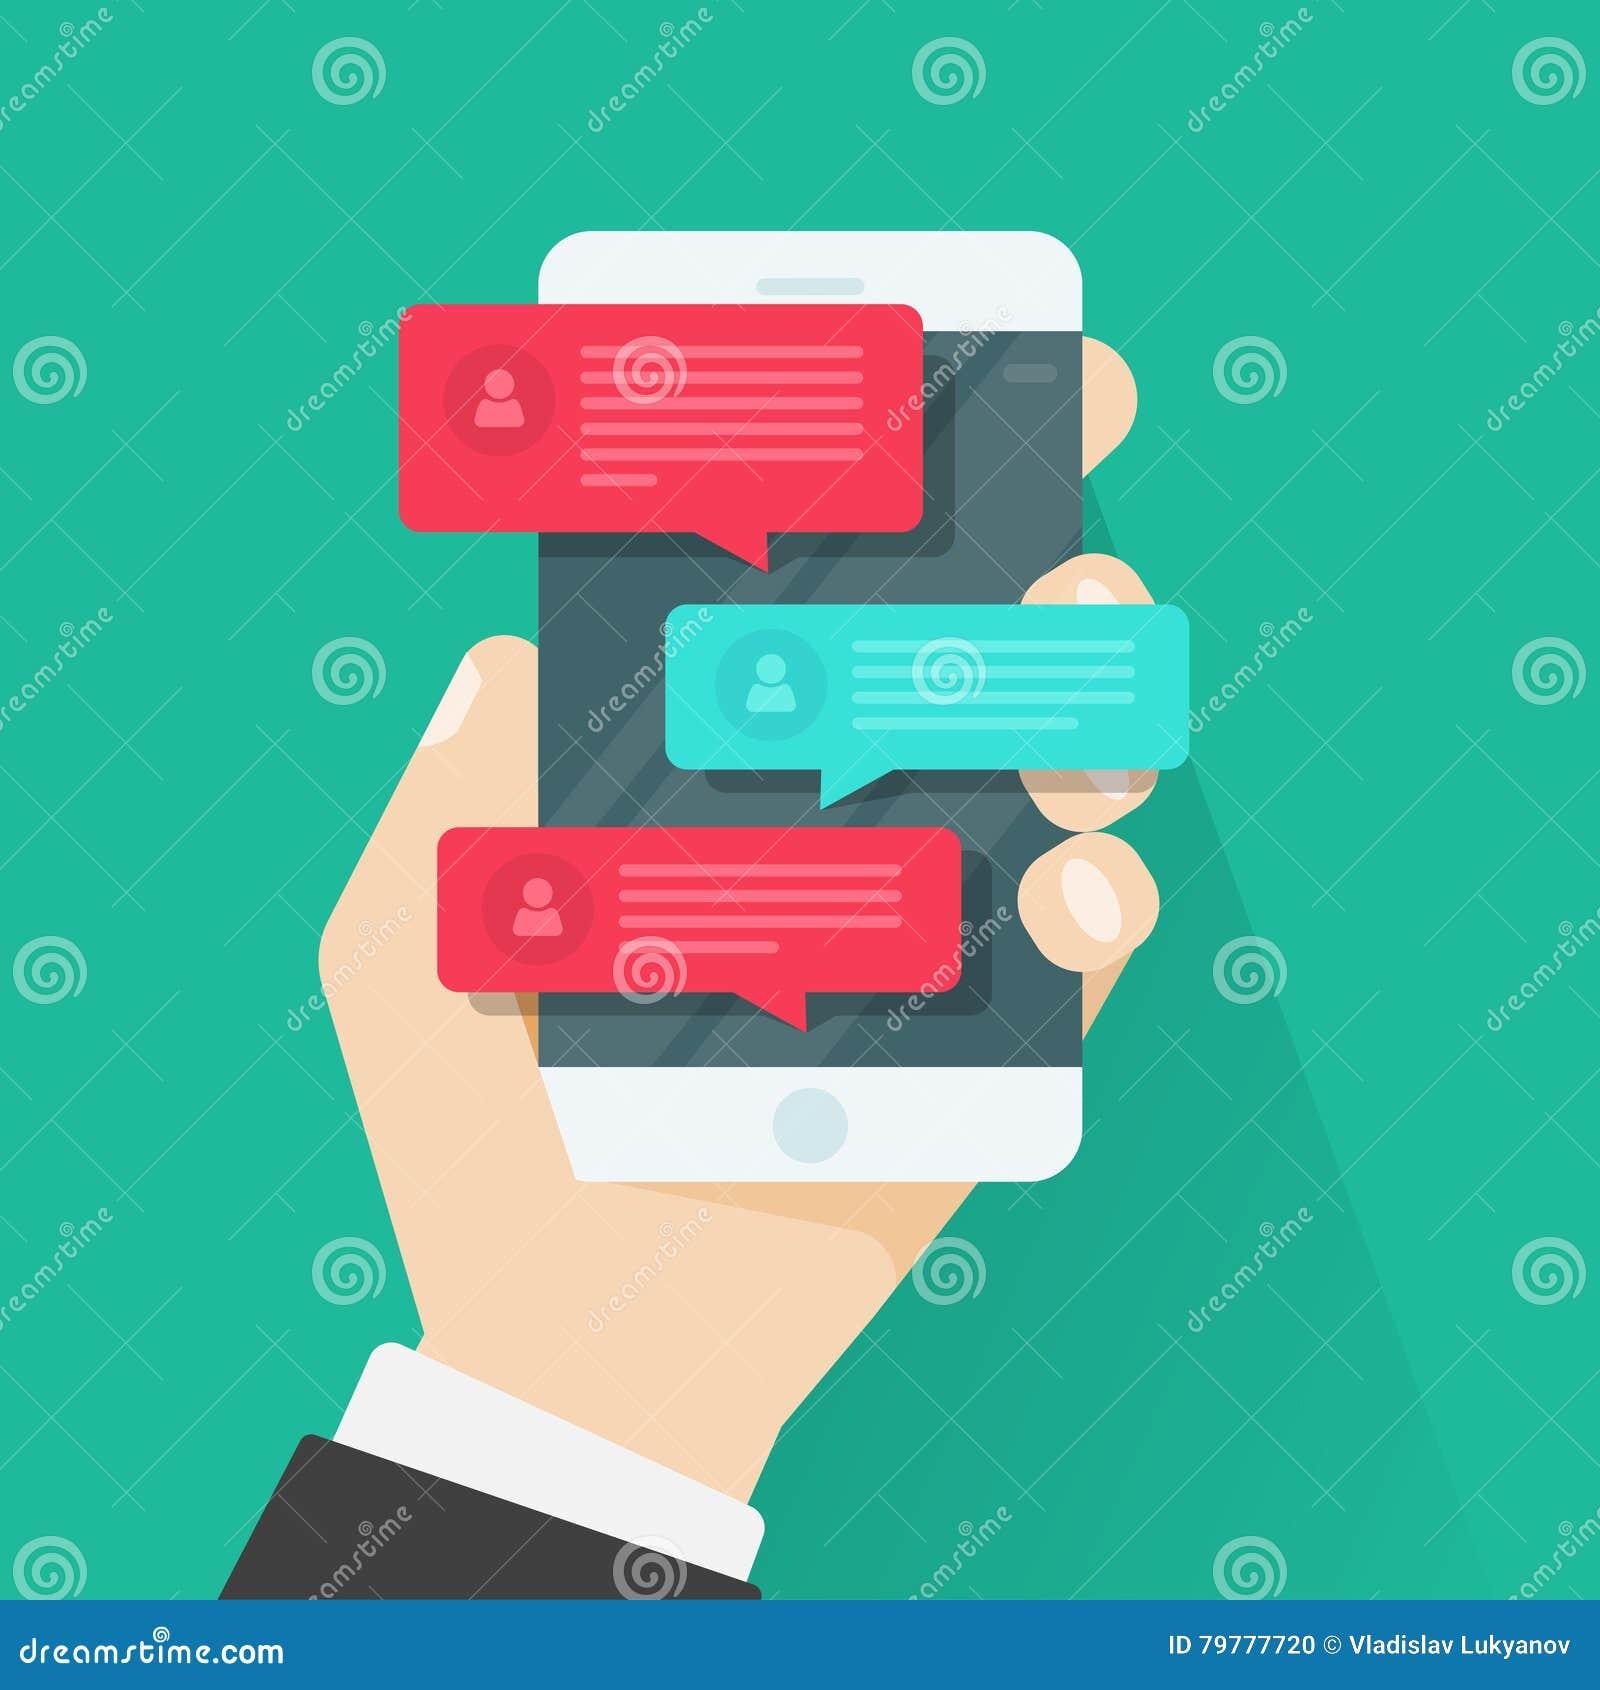 Уведомления сообщения болтовни мобильного телефона, беседуя, концепция онлайн говорить